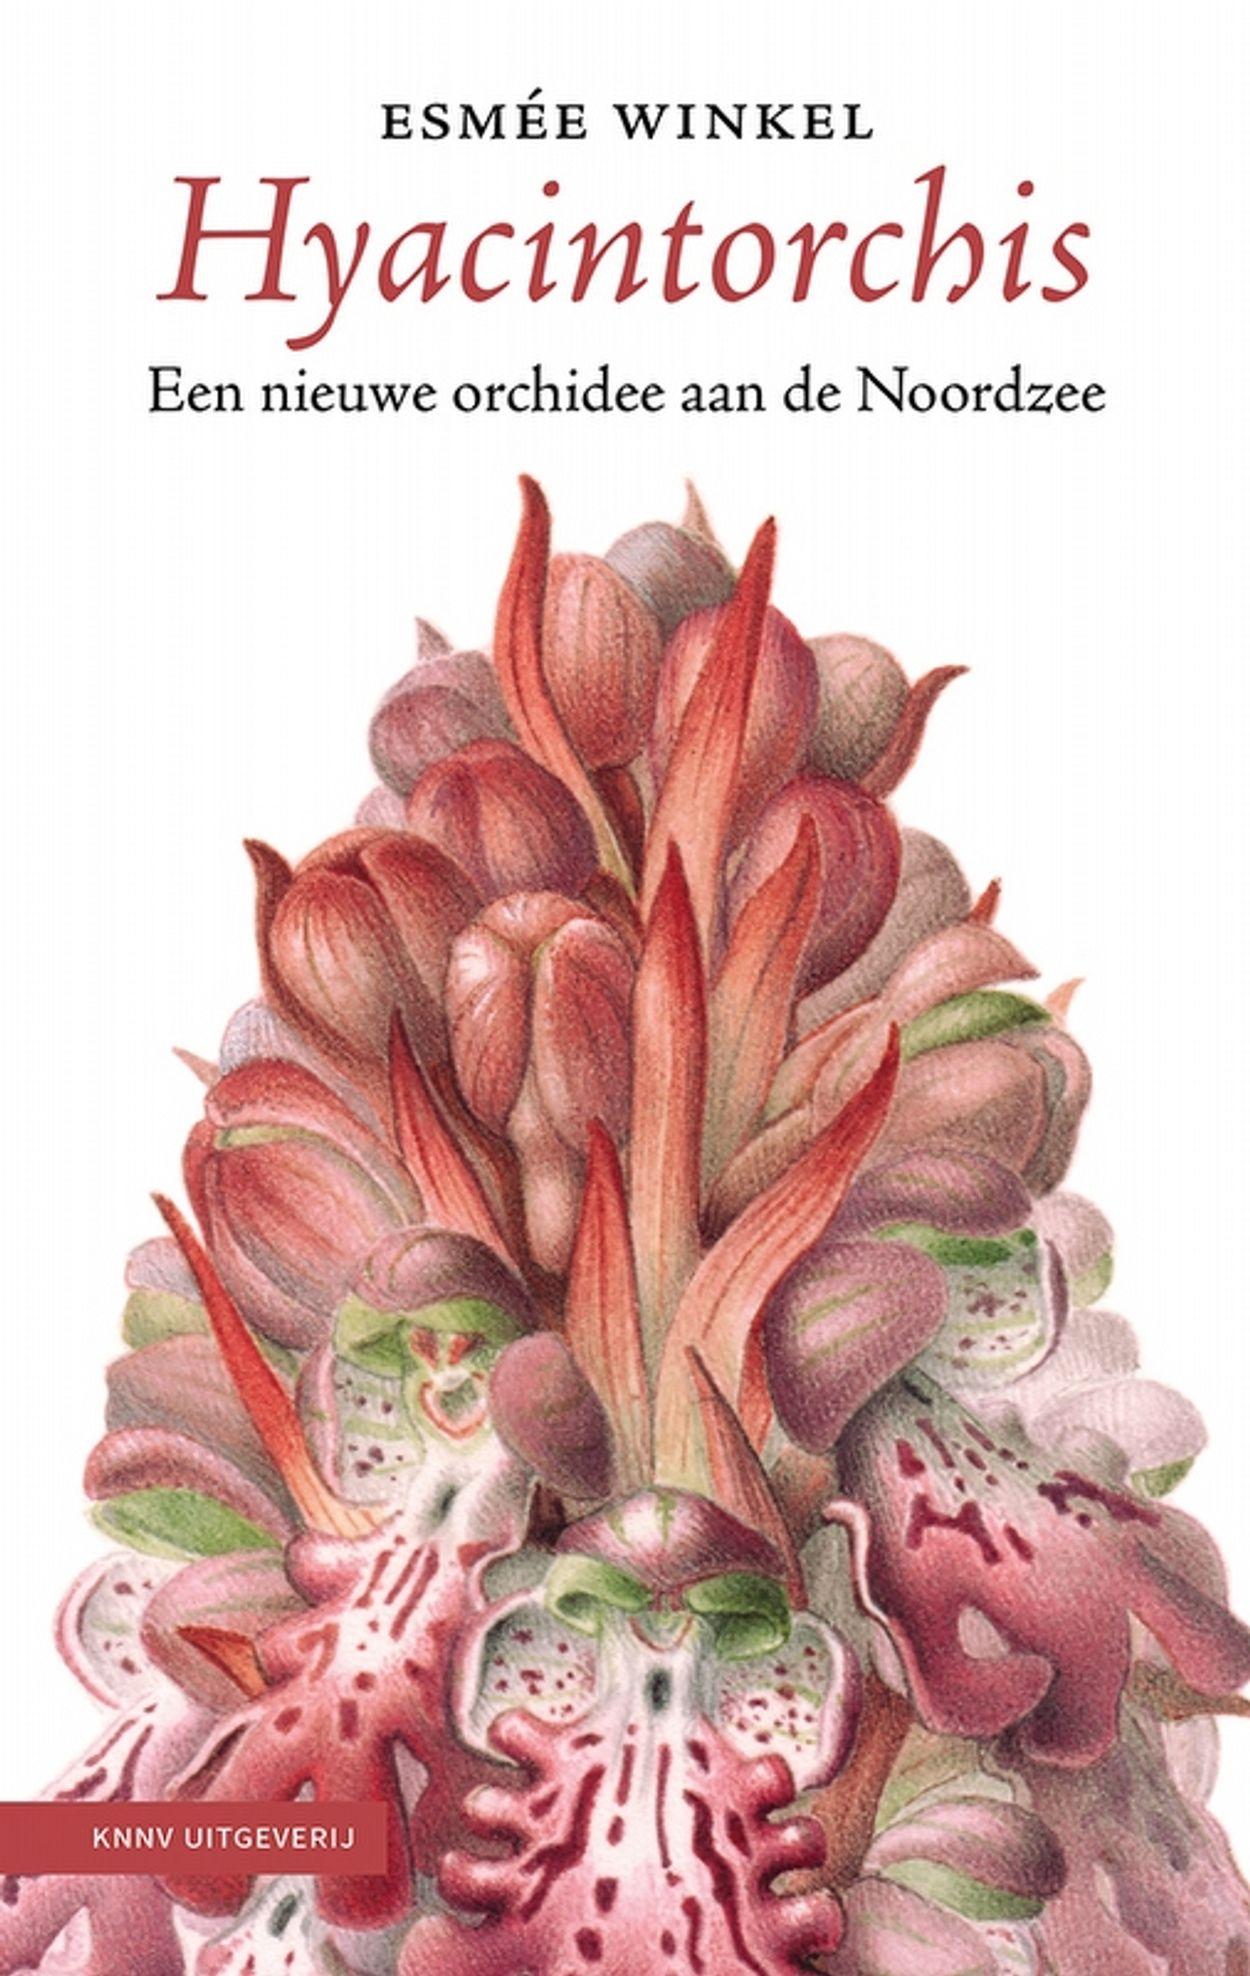 De hyacinthorchis als eersteling